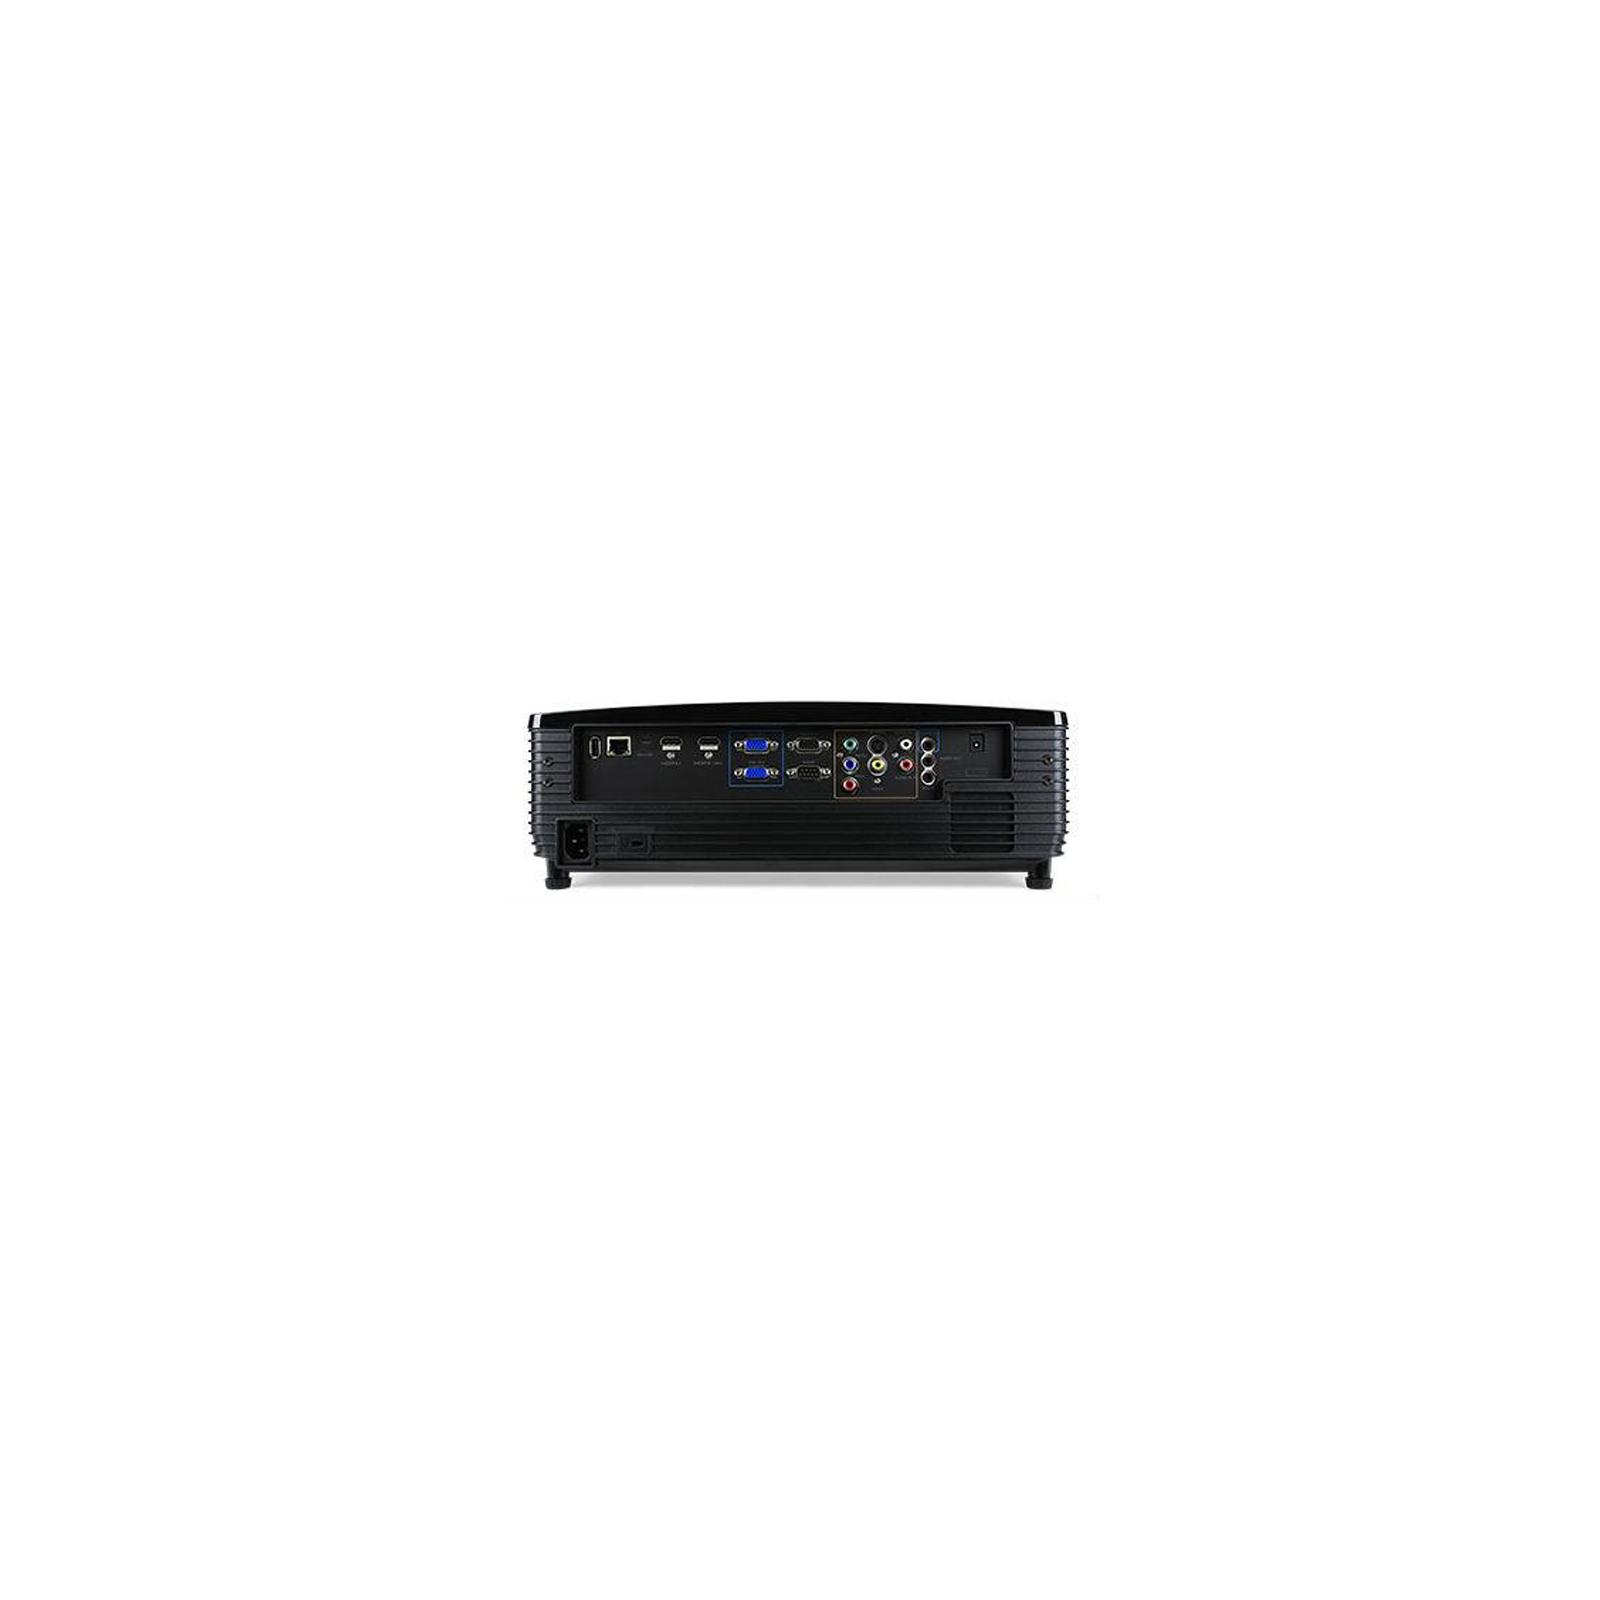 Проектор Acer P6200S (MR.JMB11.001) изображение 4